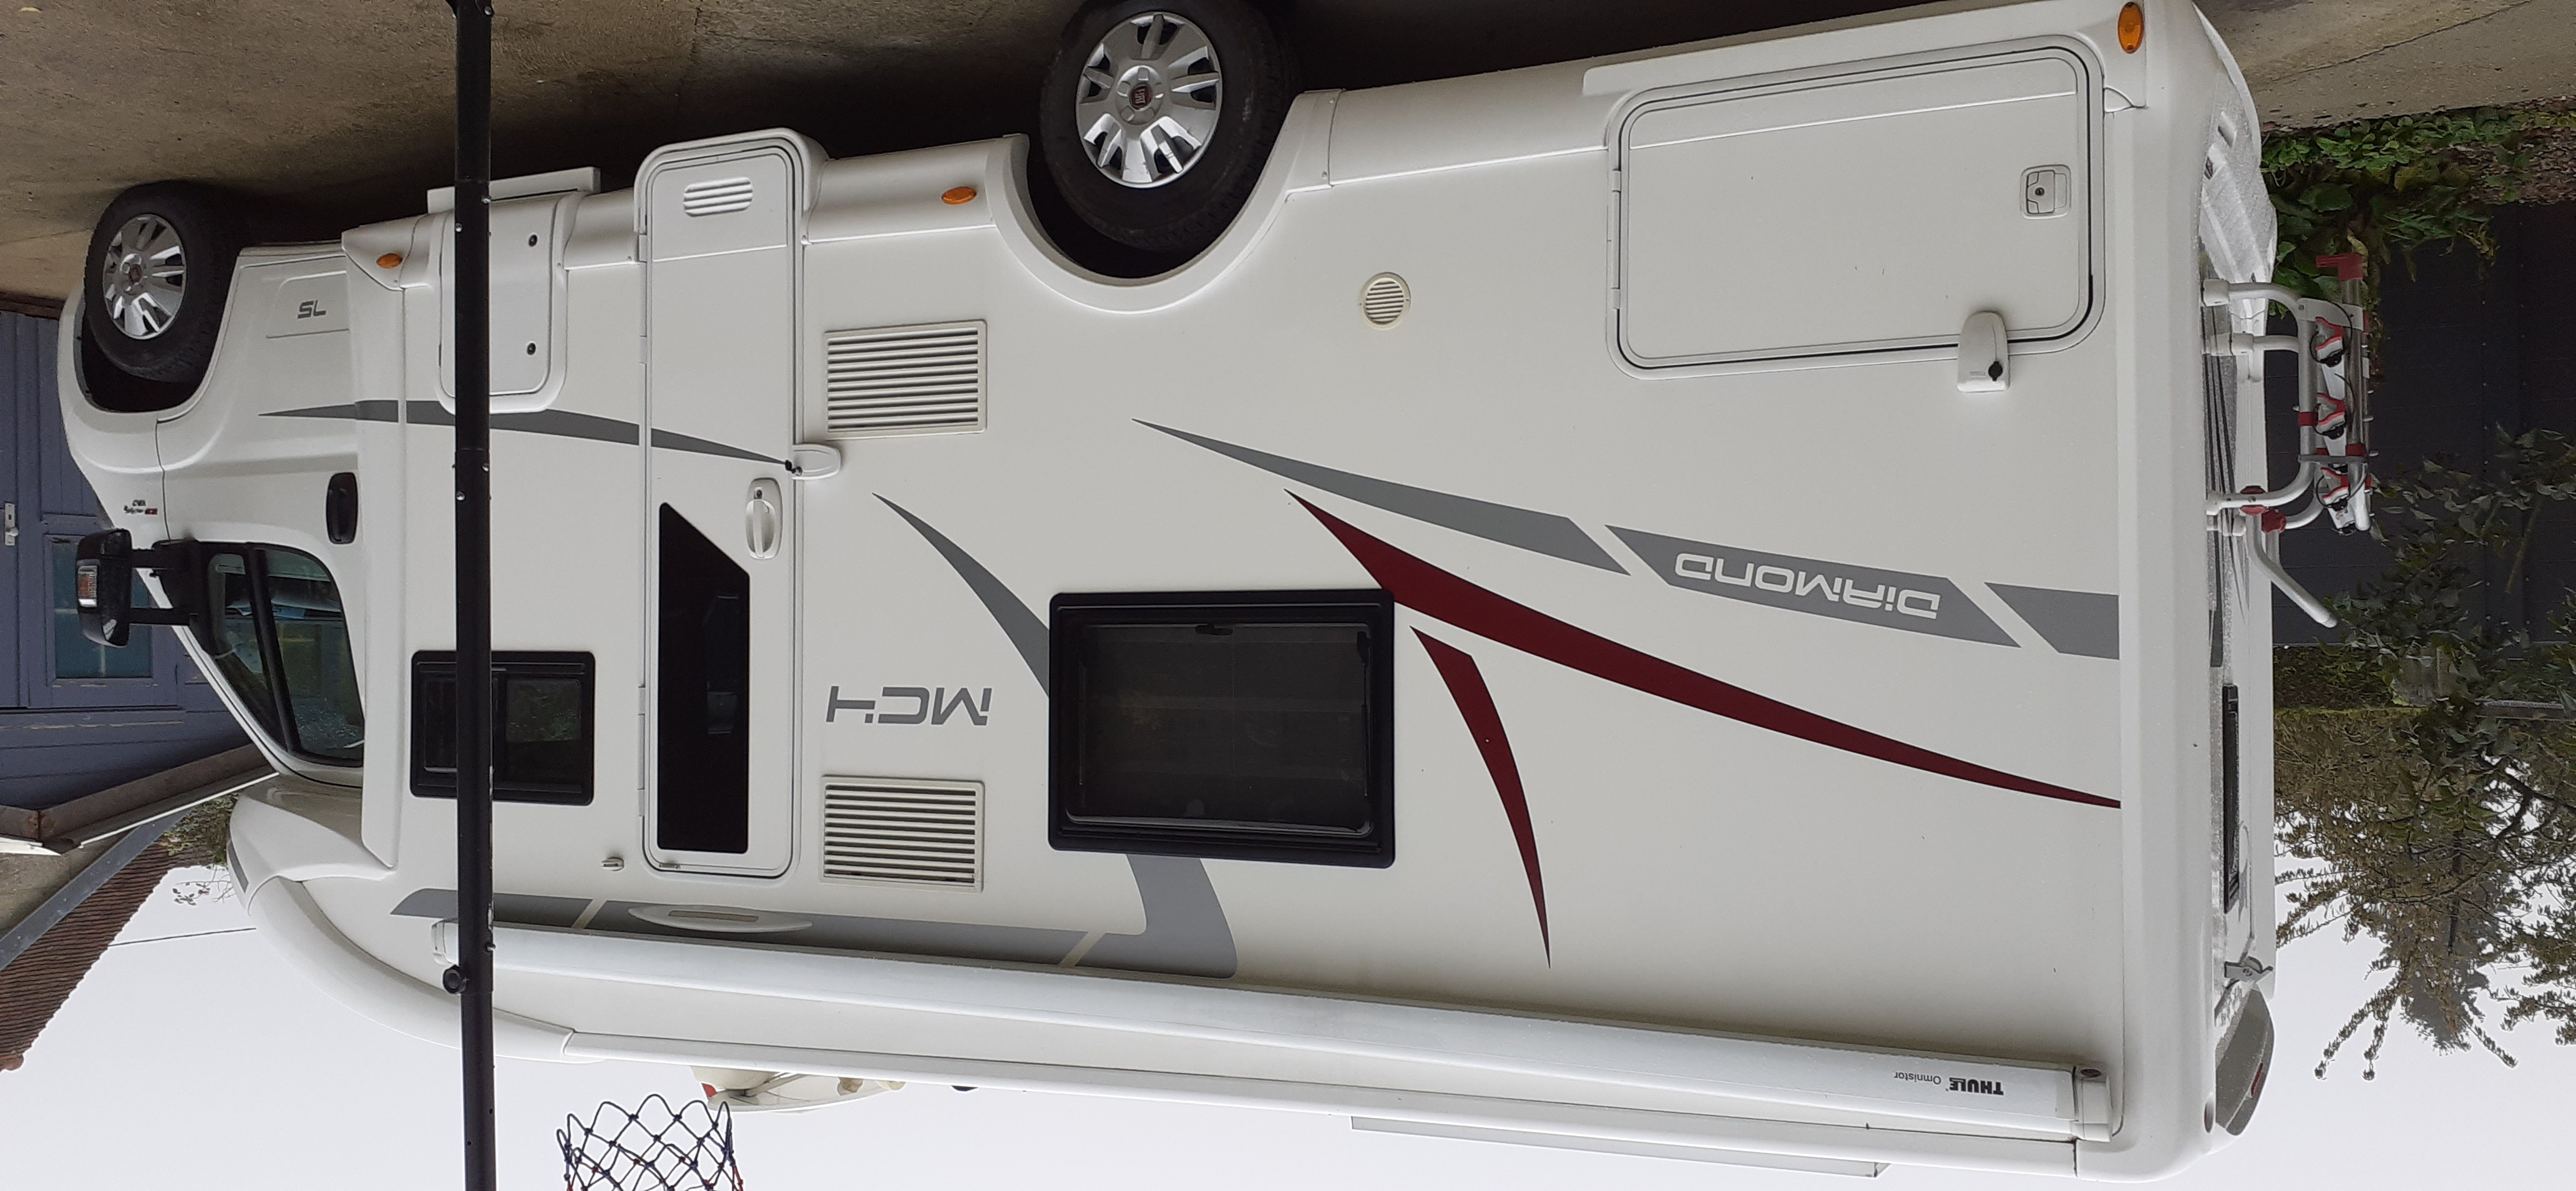 camping-car MC LOUIS MC4  extérieur / latéral droit